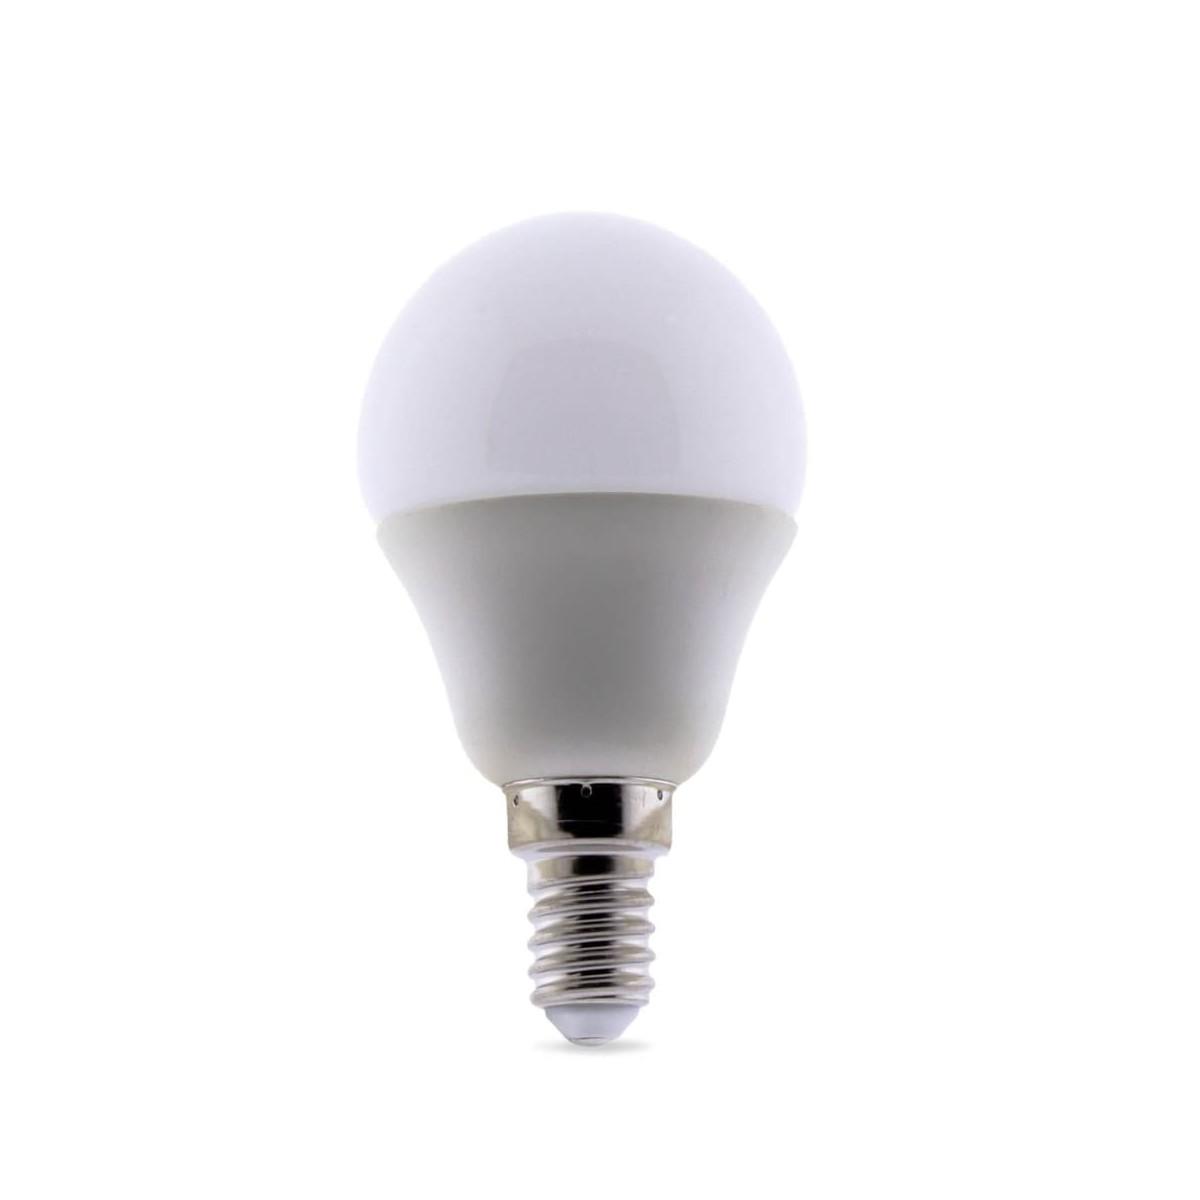 LED Bulb G45 E14 5W 3000K